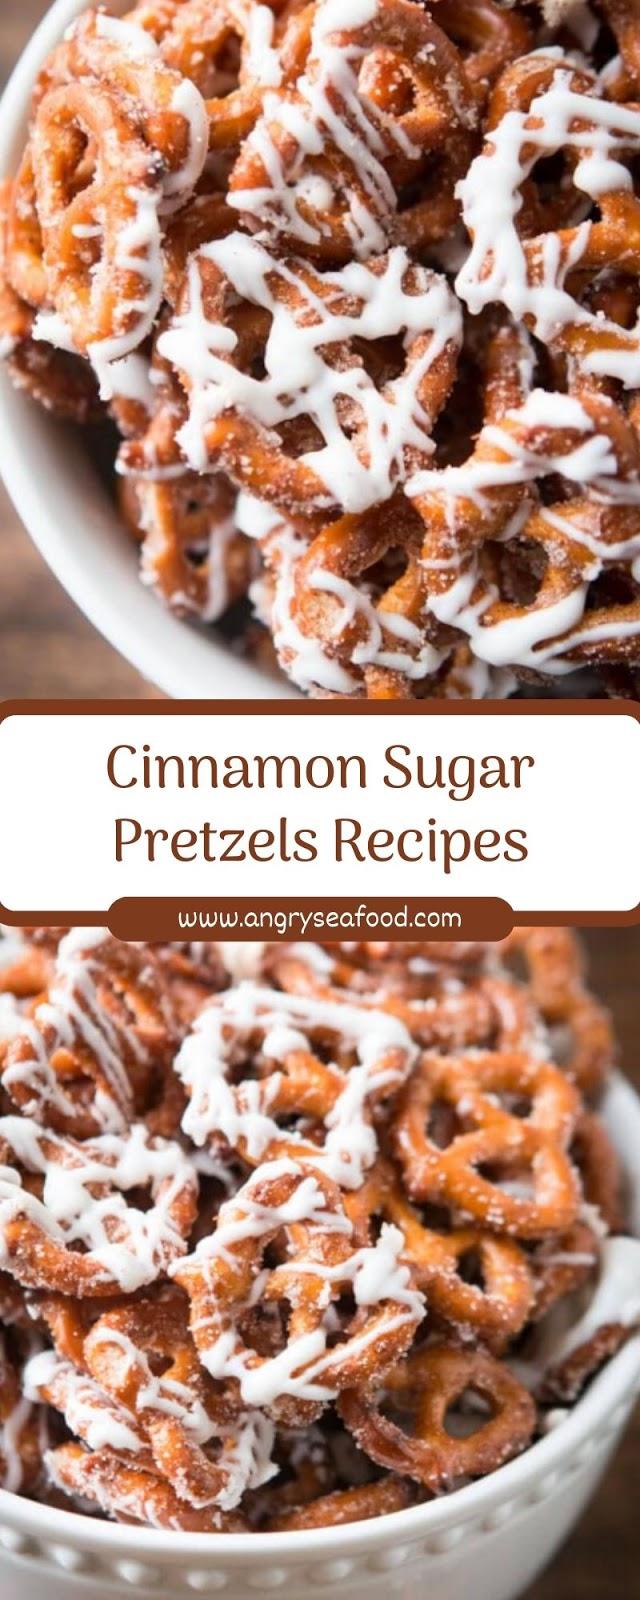 Cinnamon Sugar Pretzels Recipes